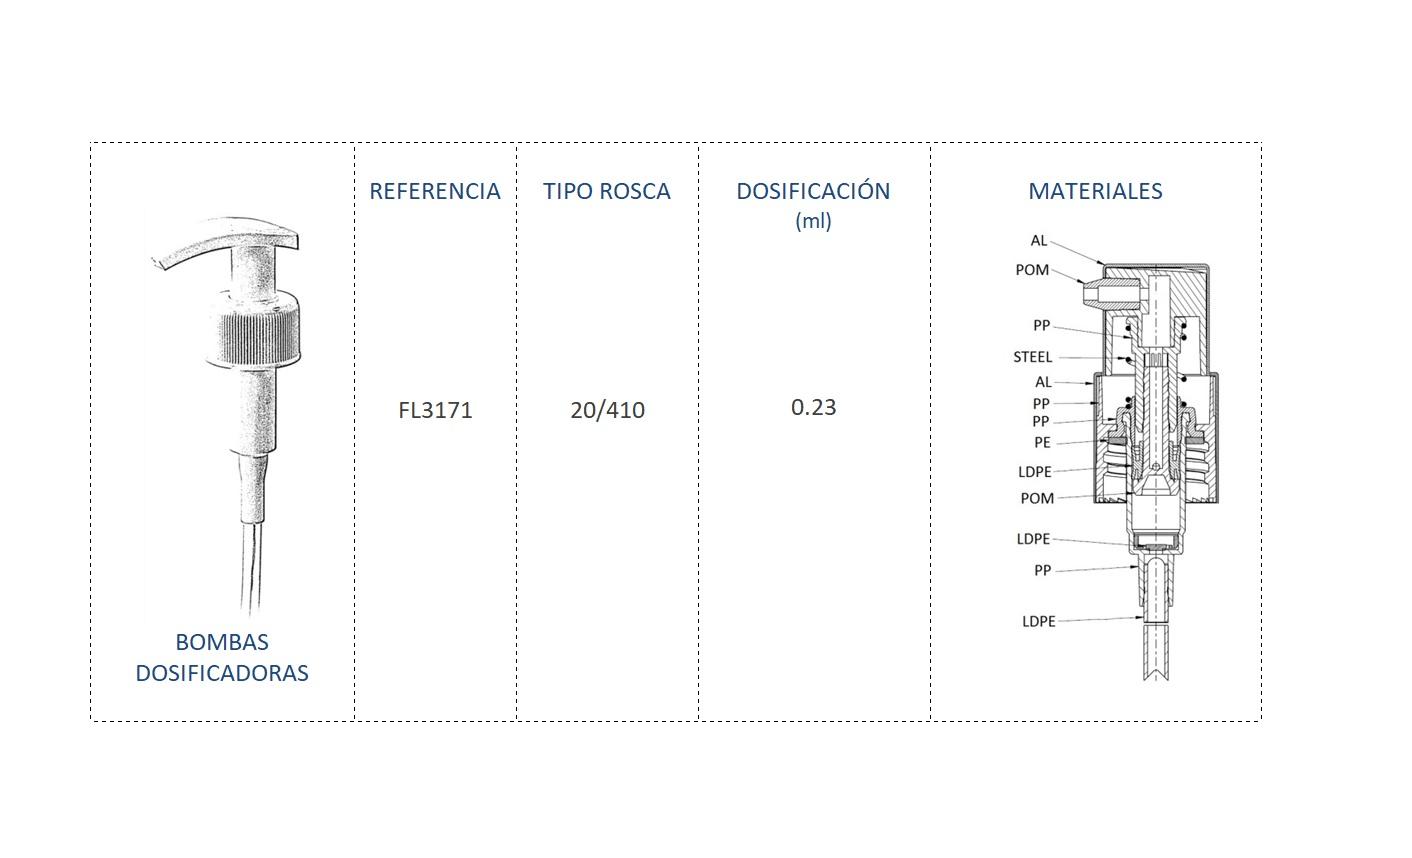 Cuadro materiales bomba dosificadora FL3171 20/410